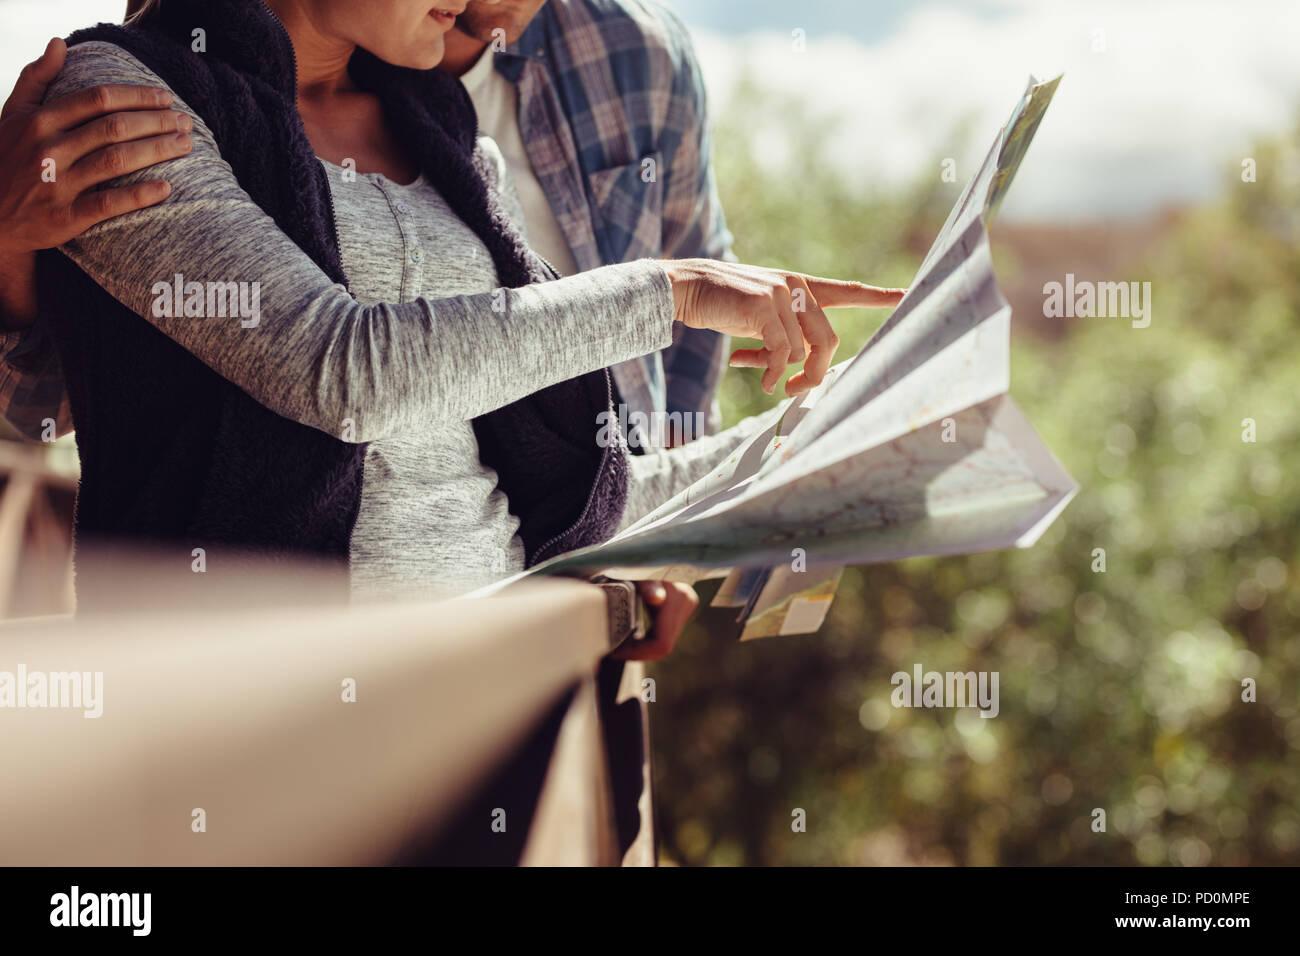 Donna puntando verso la mappa permanente, mentre con il suo fidanzato. Coppia in cerca di destinazione di viaggio sulla mappa. Immagini Stock